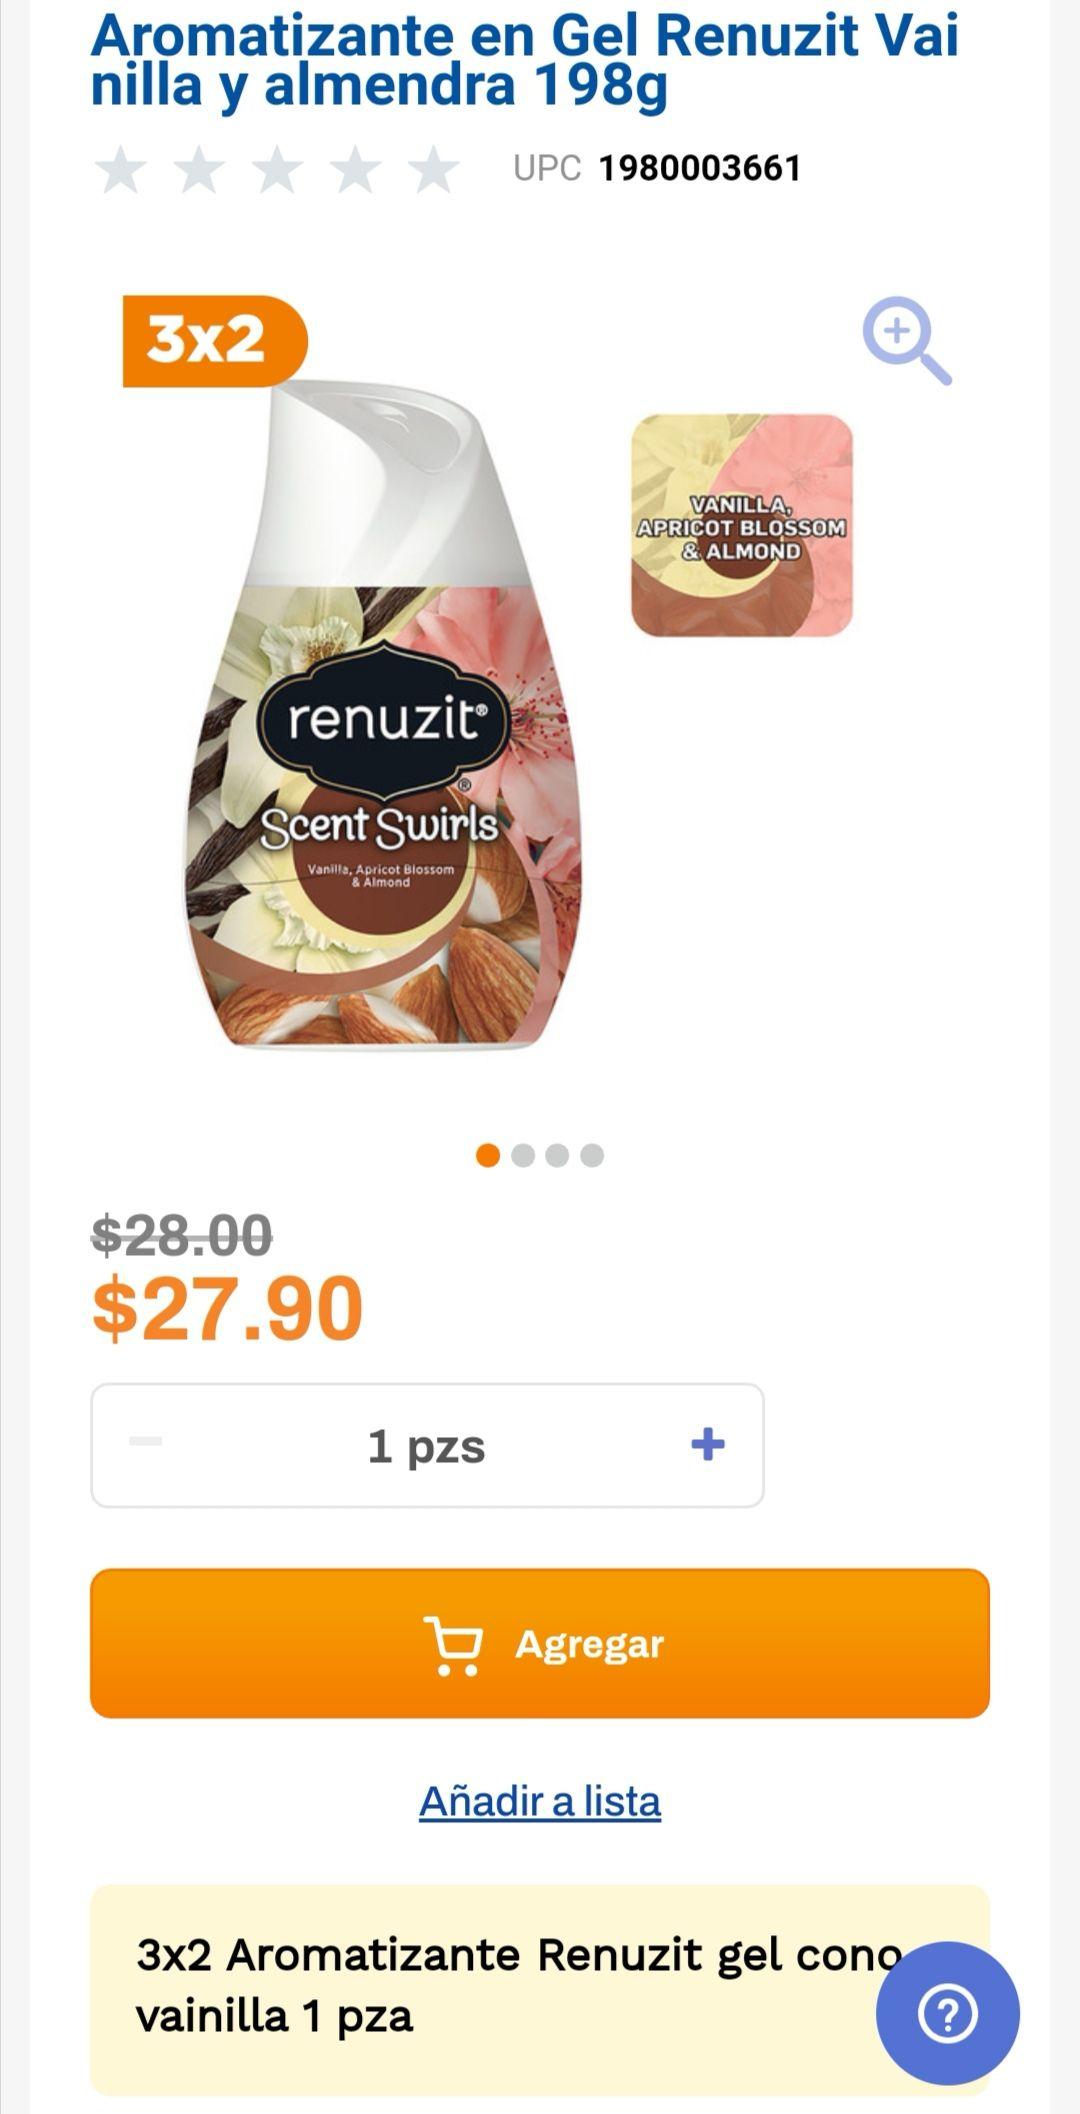 Chedraui: 3 x 2 en aromatizante en gel Renuzit vainilla y almendra 198 g.